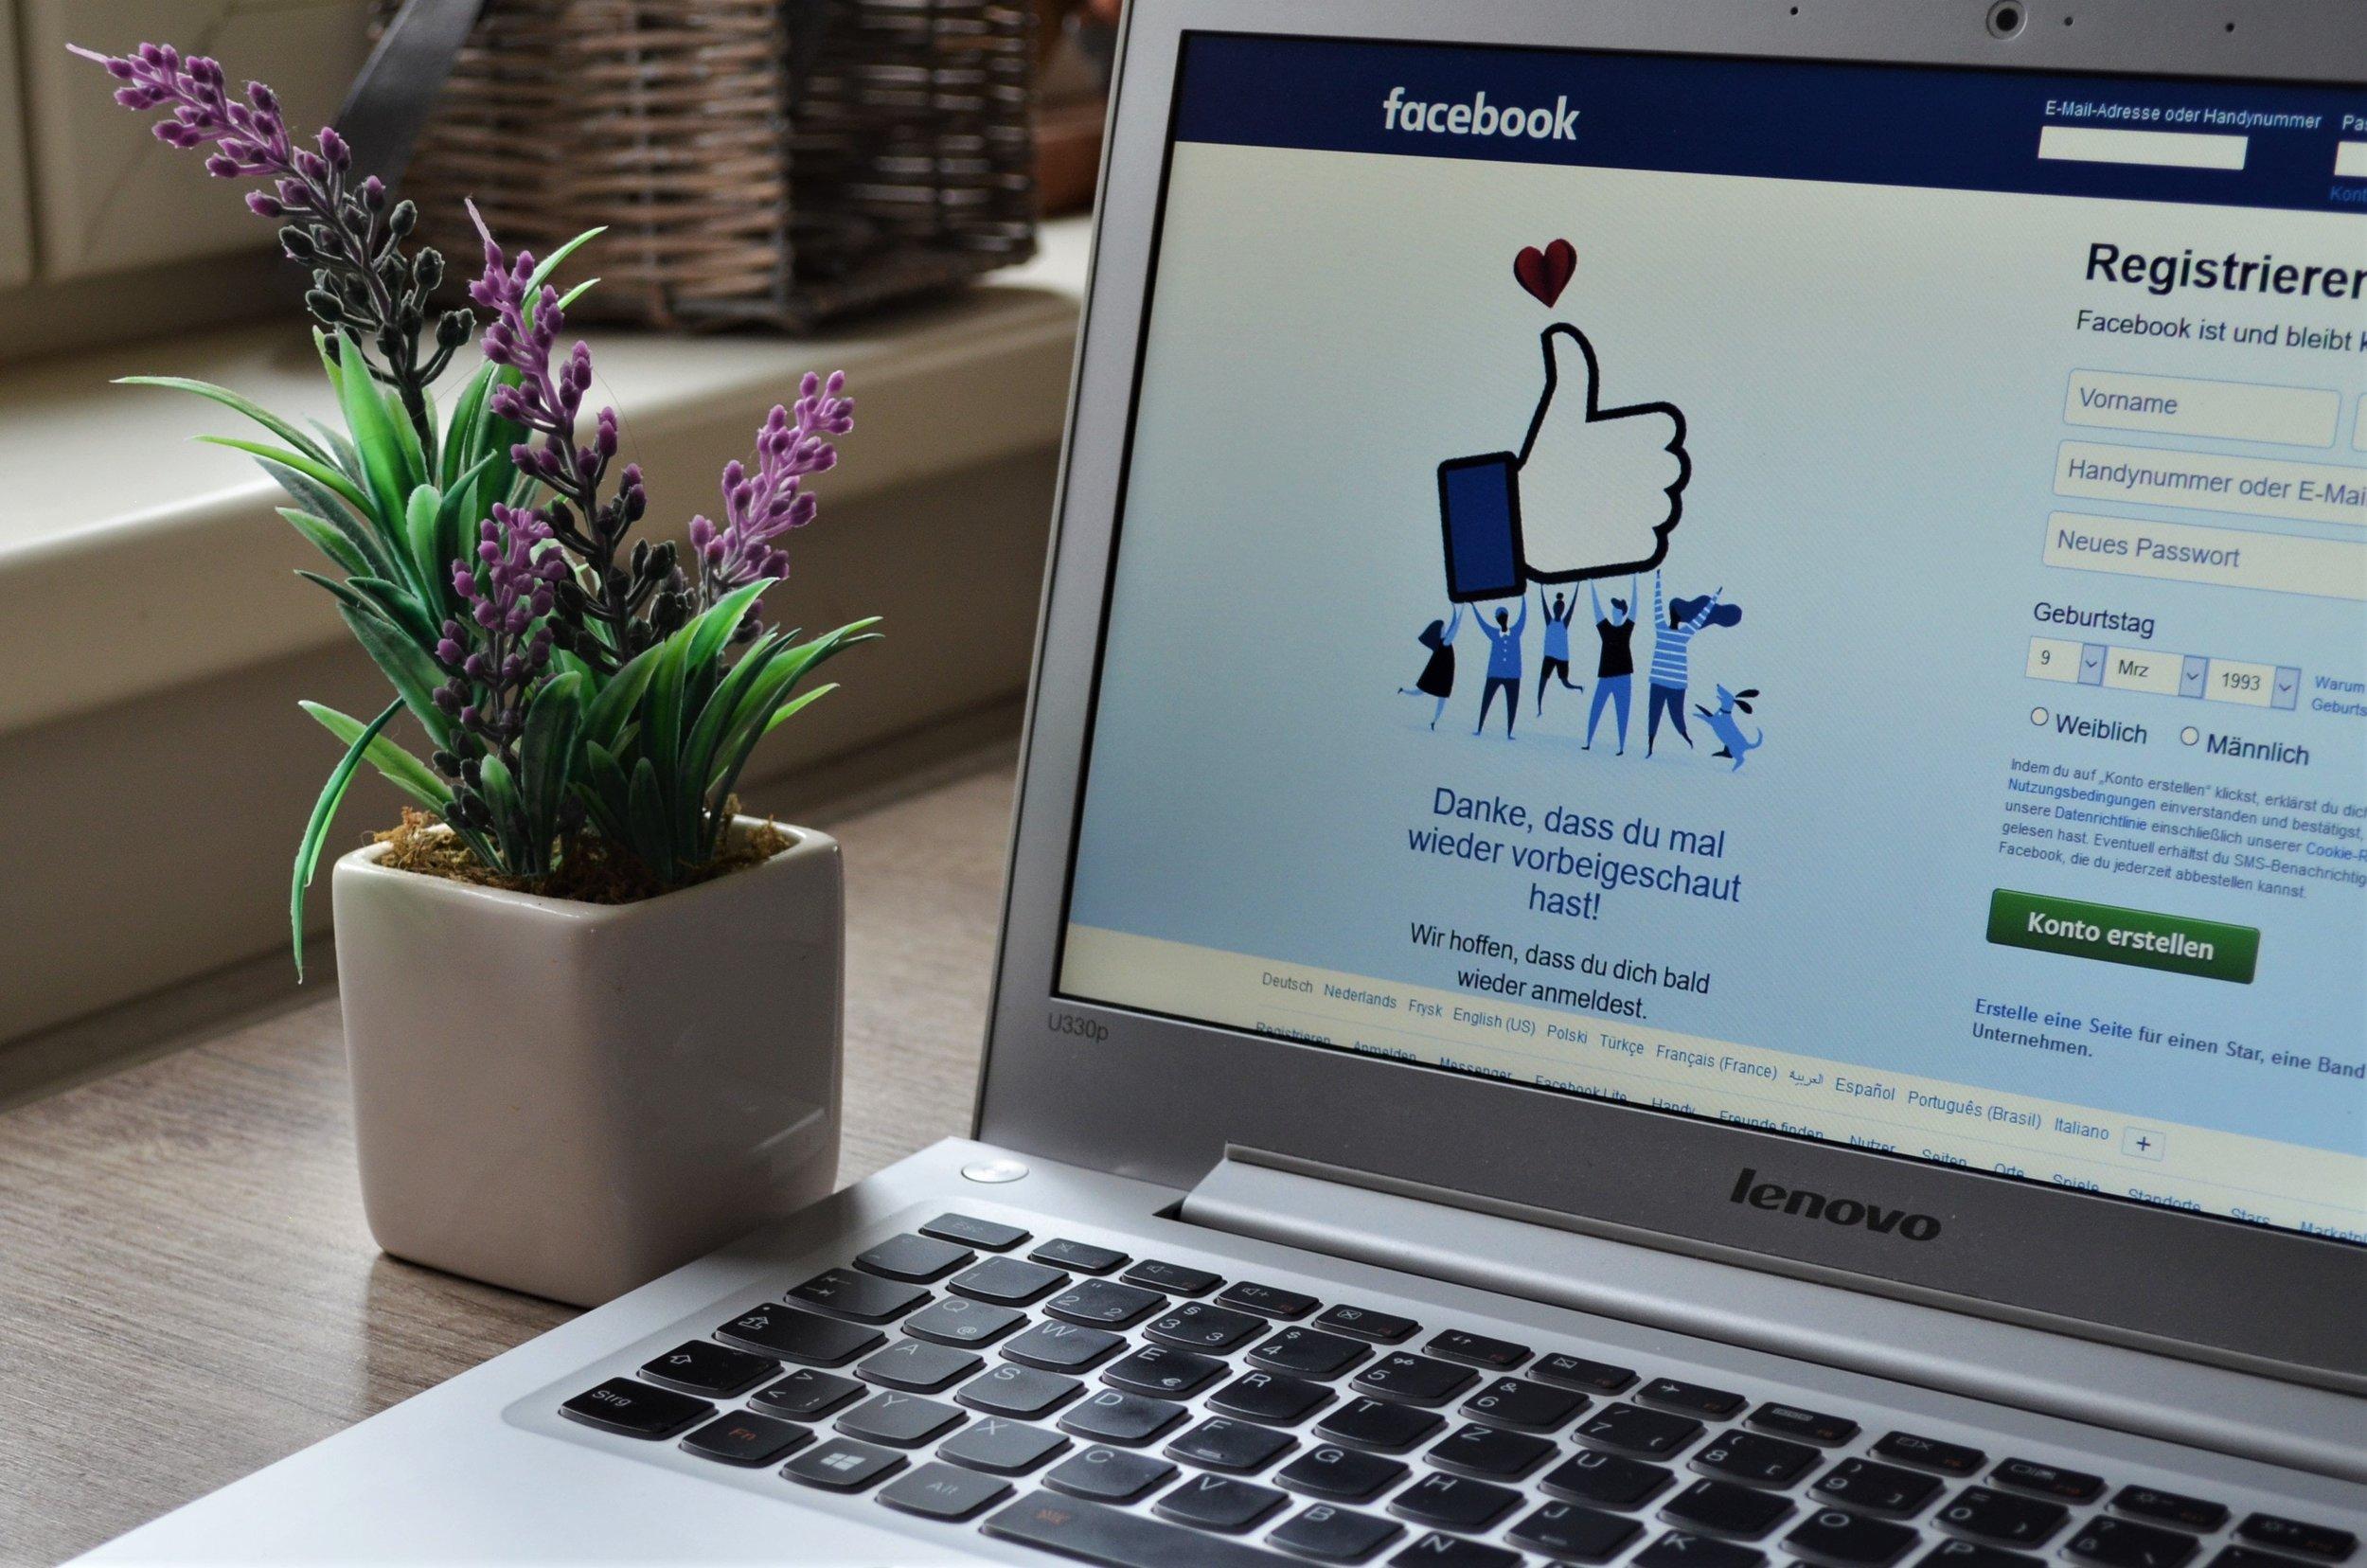 3.4 Millionen aktive Facebook Nutzer - In der Schweiz sind monatlich 3.4 Mio. Facebook User online